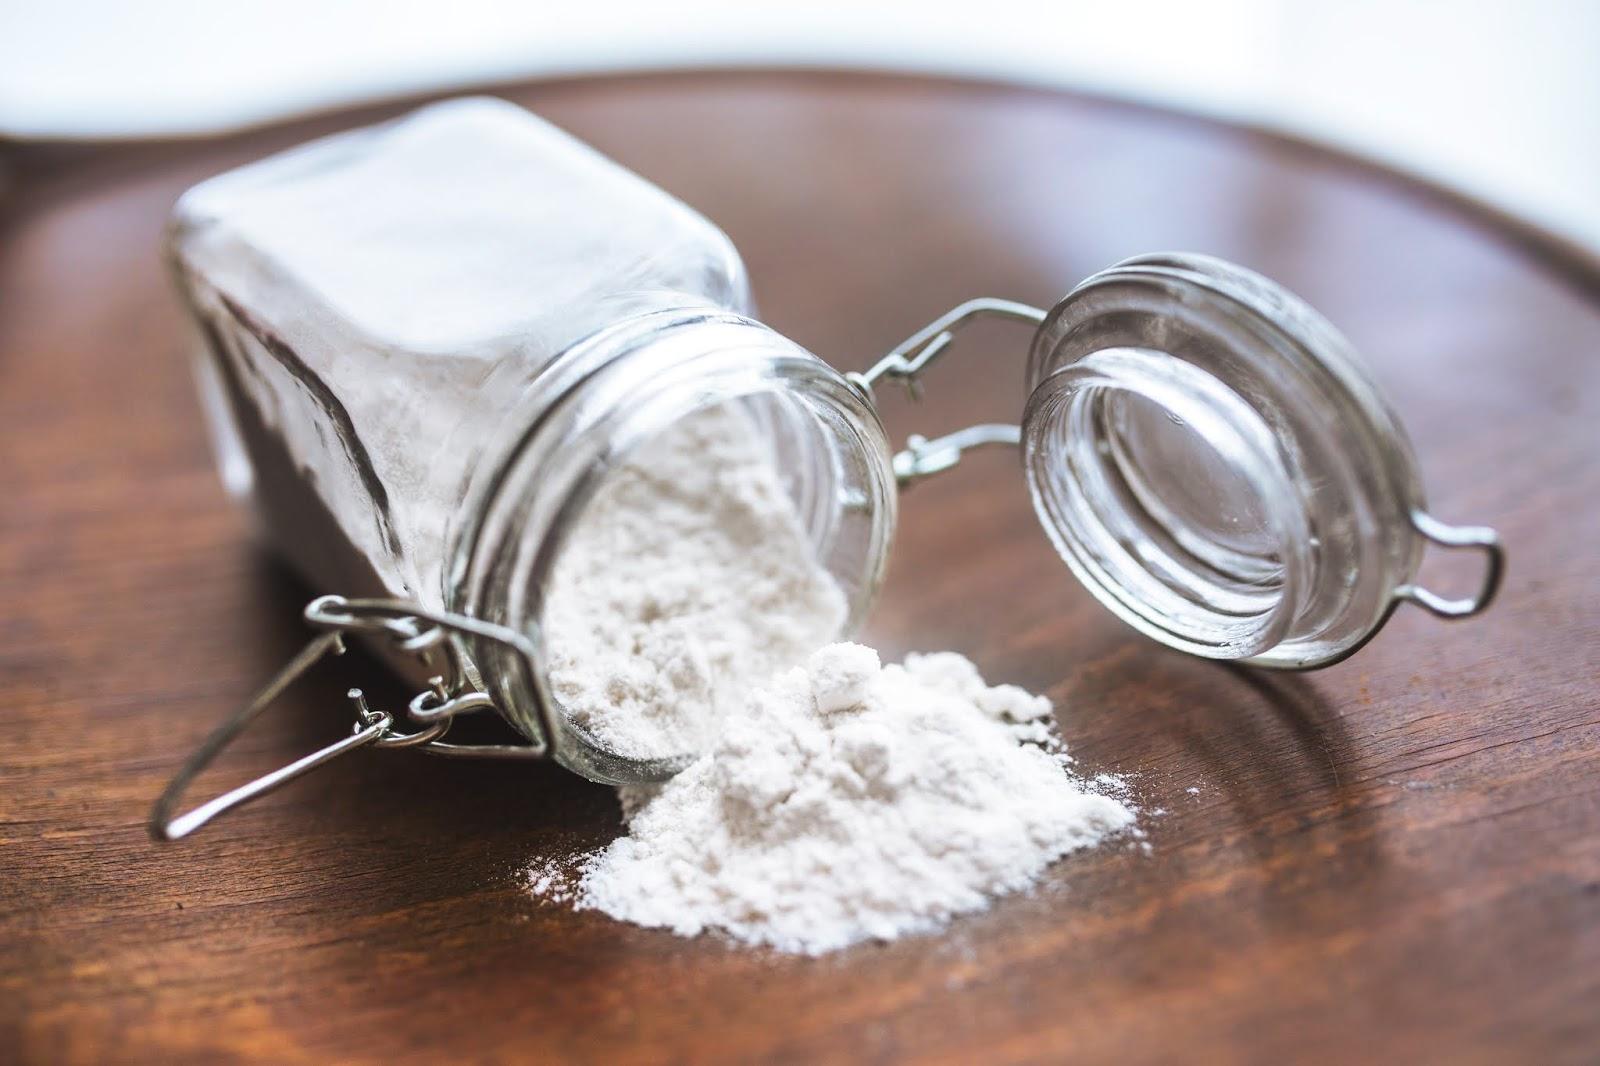 बेकिंग सोडा और नींबू के 9 अद्भुत लाभ | 9 Amazing Benefits Of Baking Soda And Lemon in Hindi